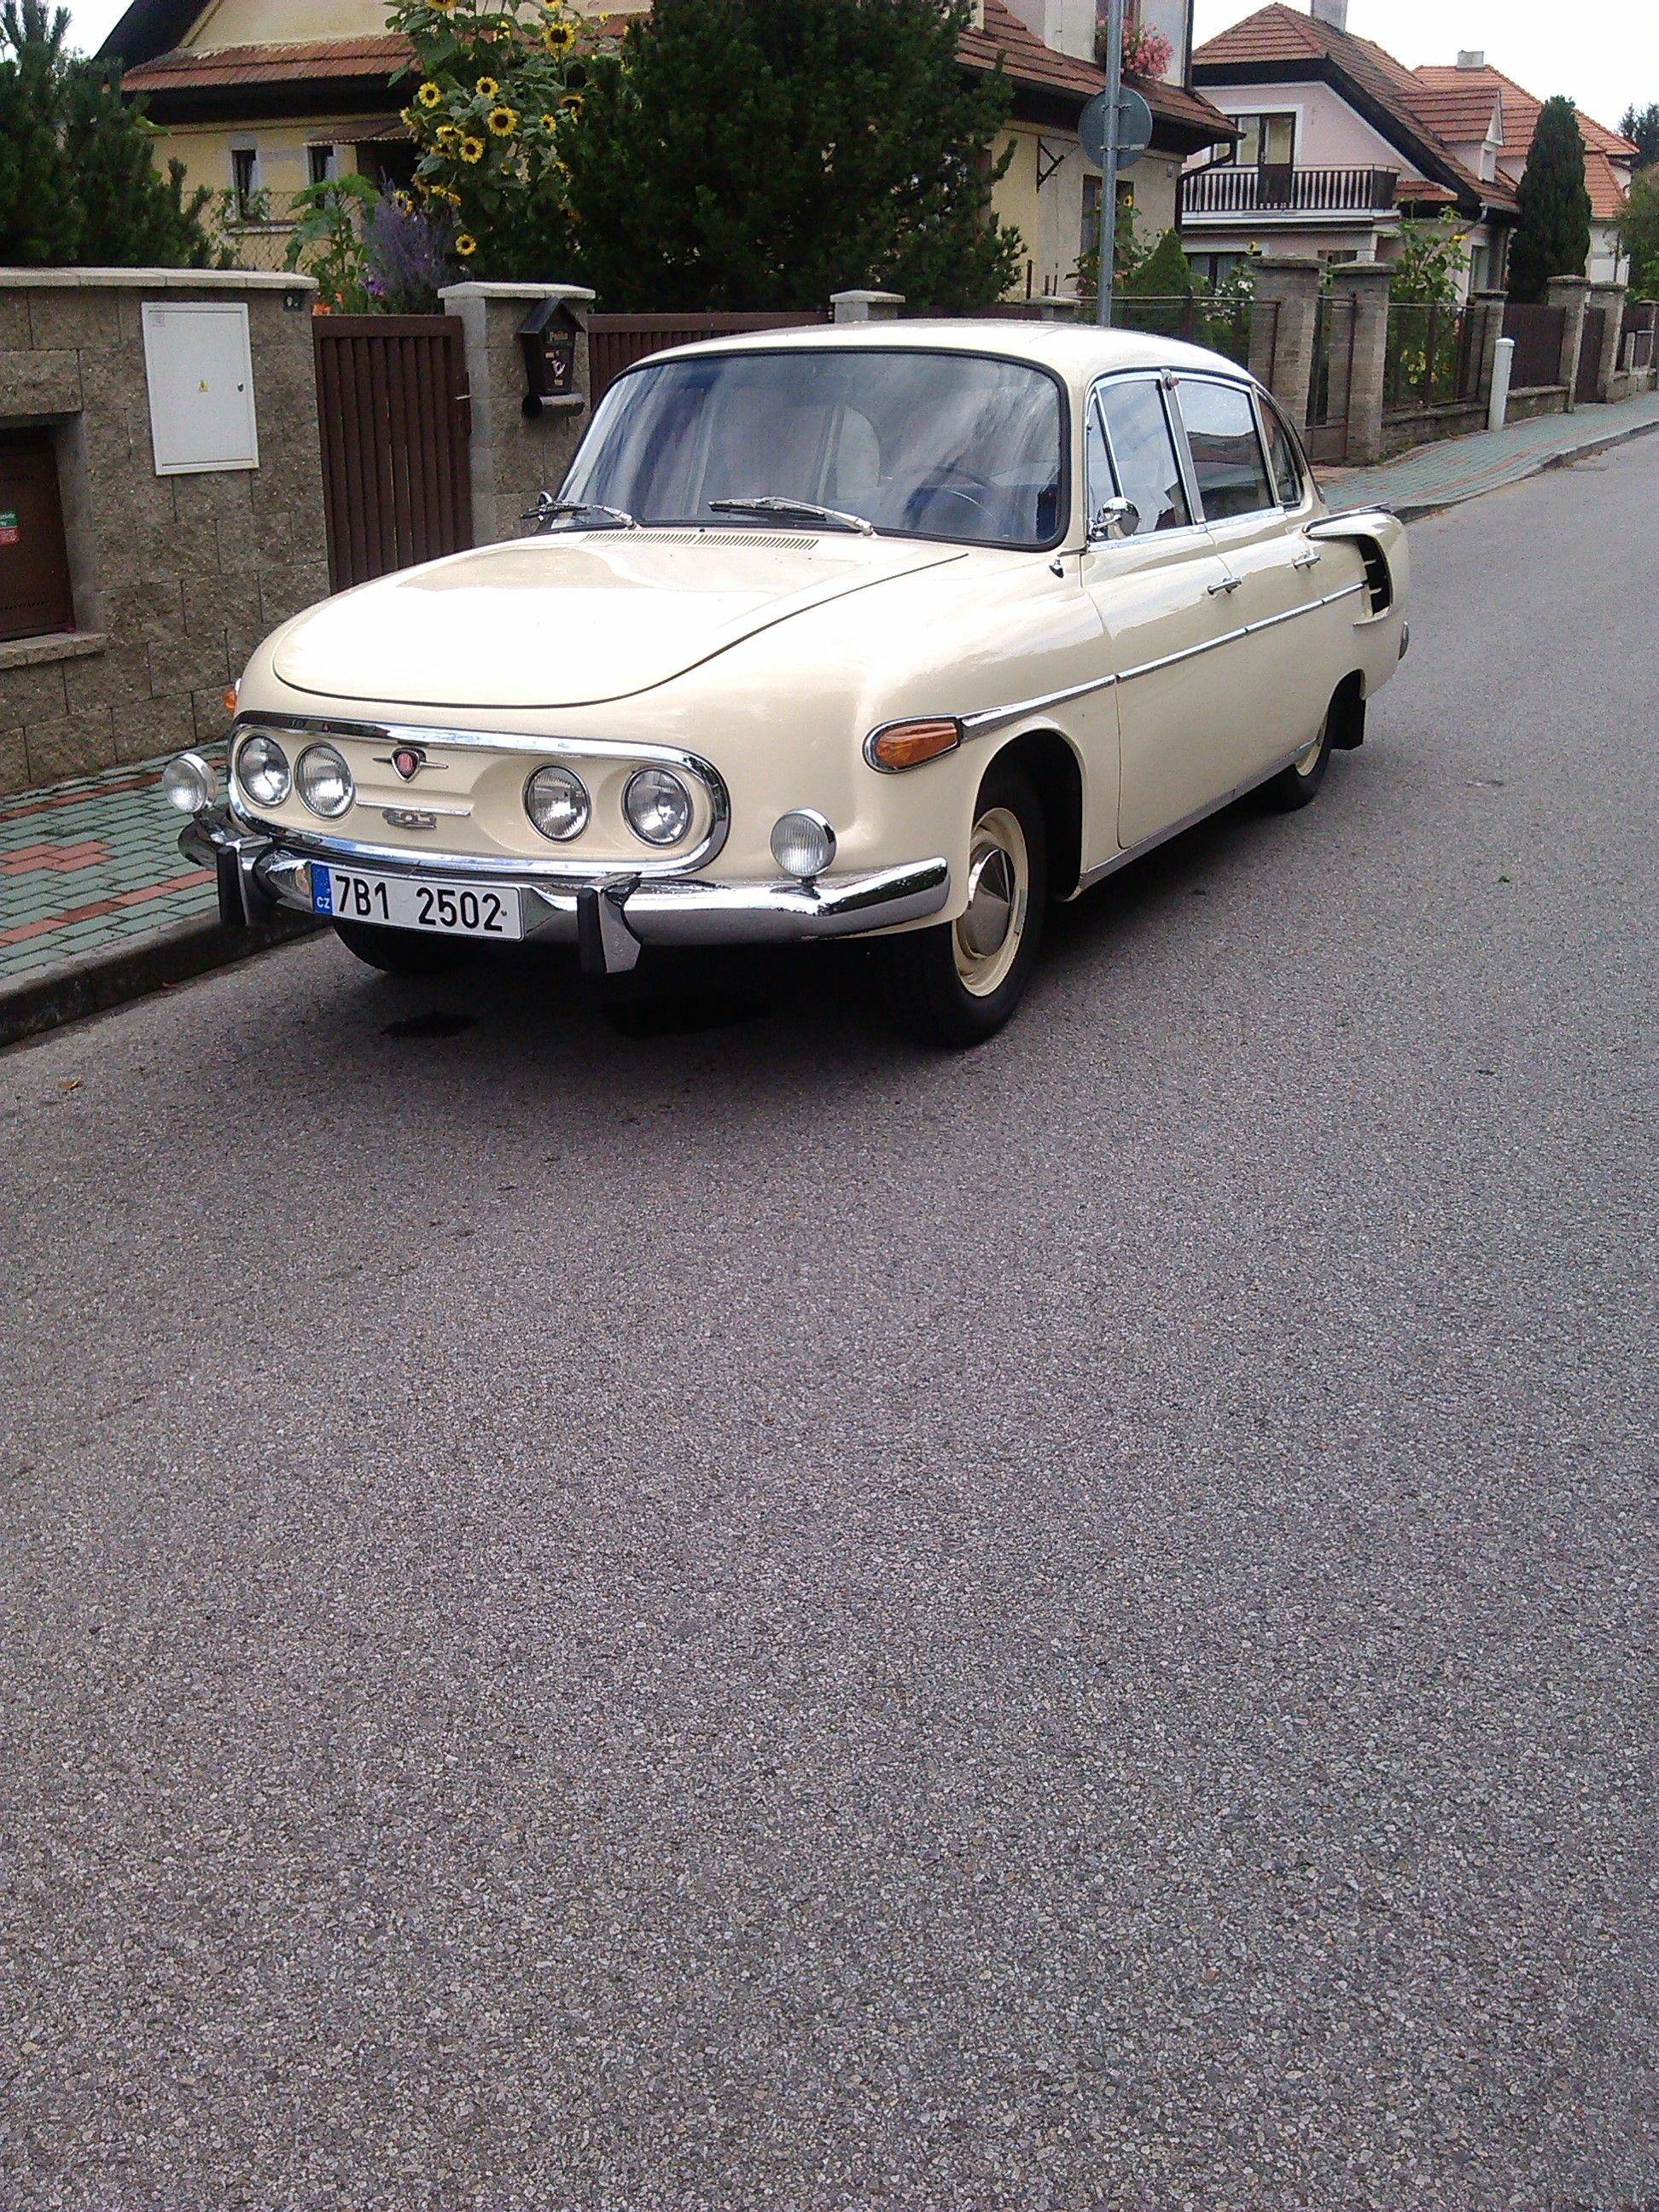 Tatra 603 (Made in Czechoslovakia, 1955-1975)